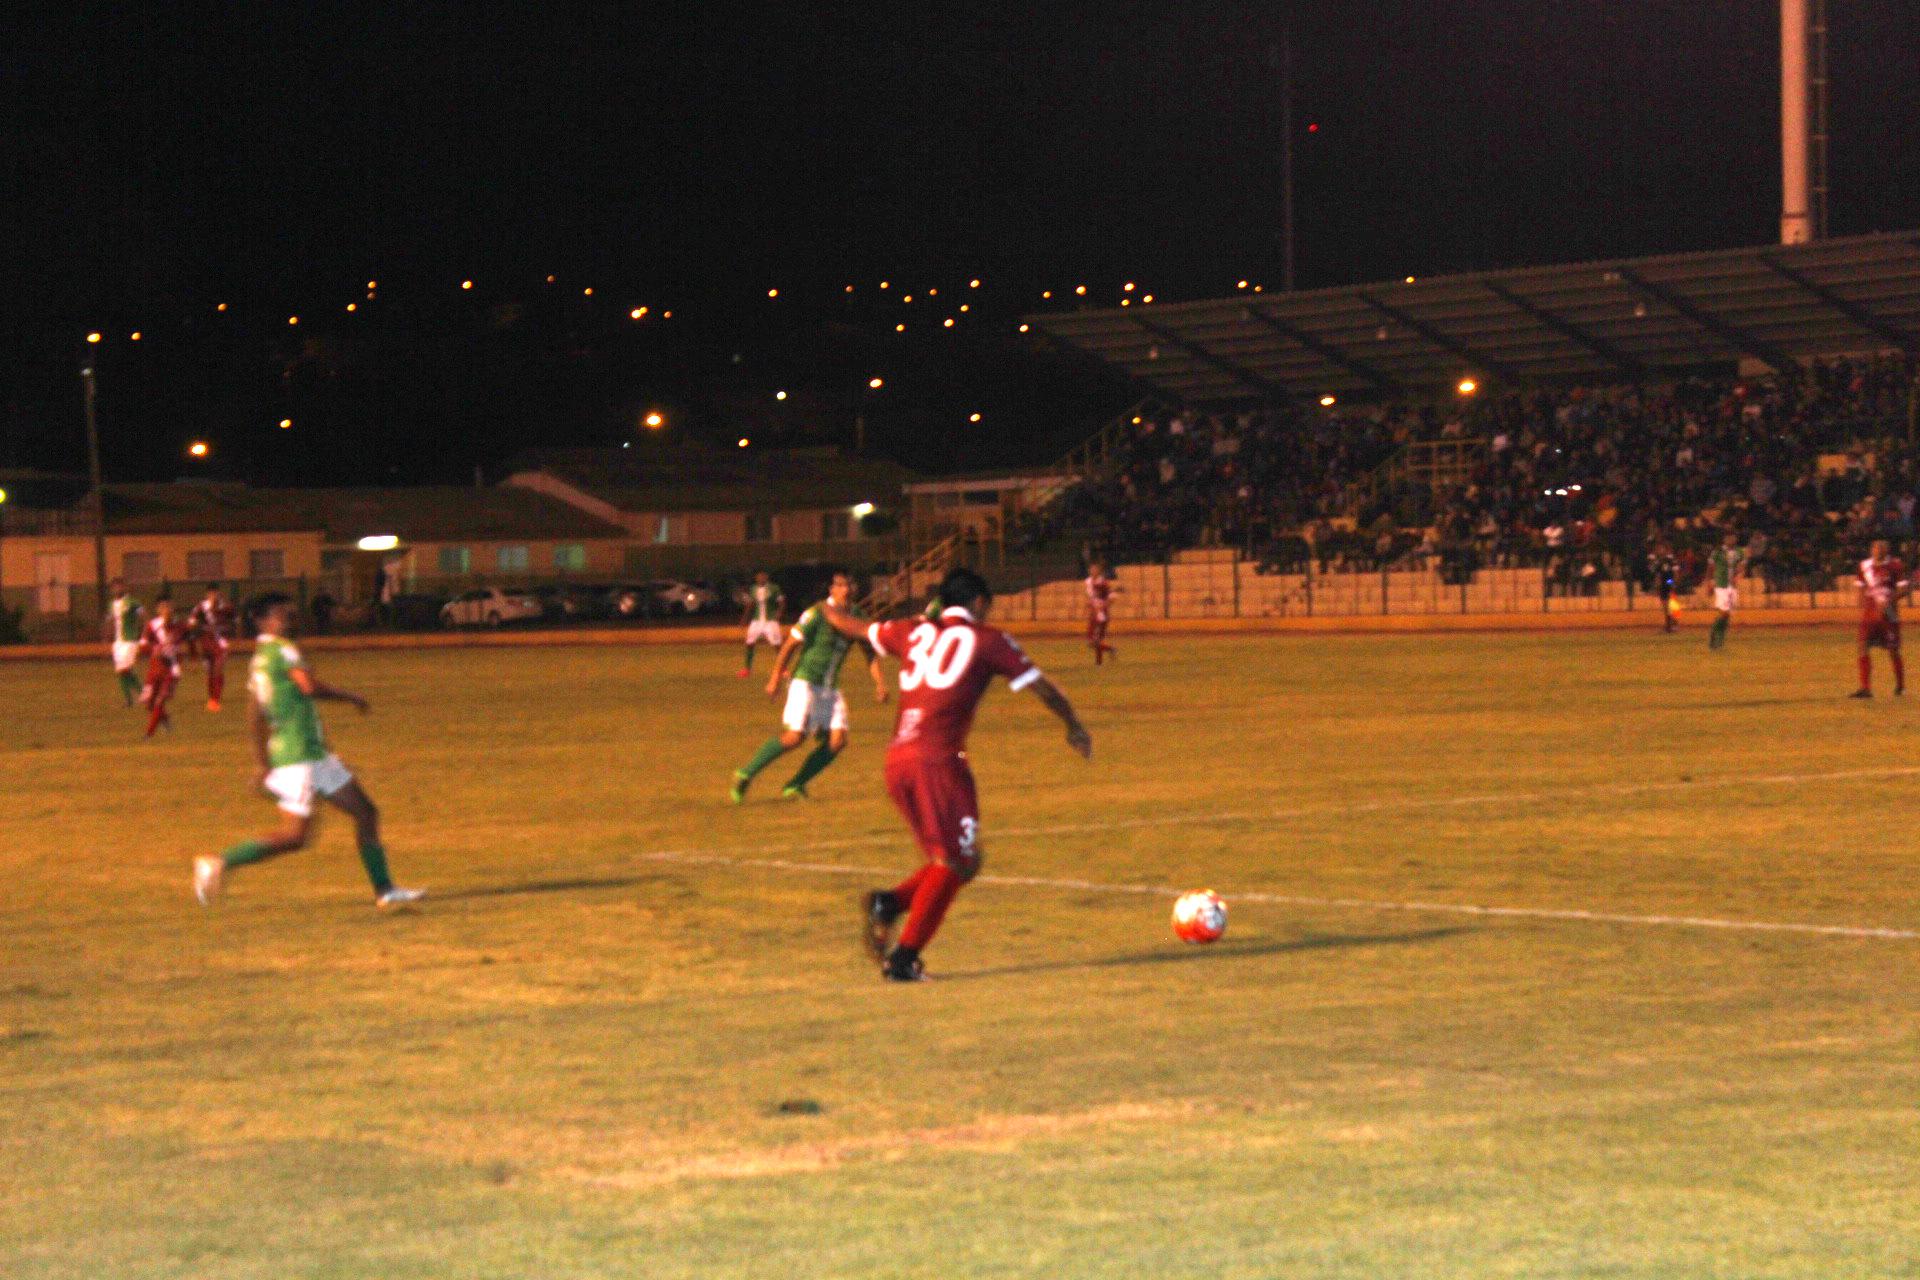 Hoy Deportes Vallenar continua preparación para afrontar el fútbol profesional